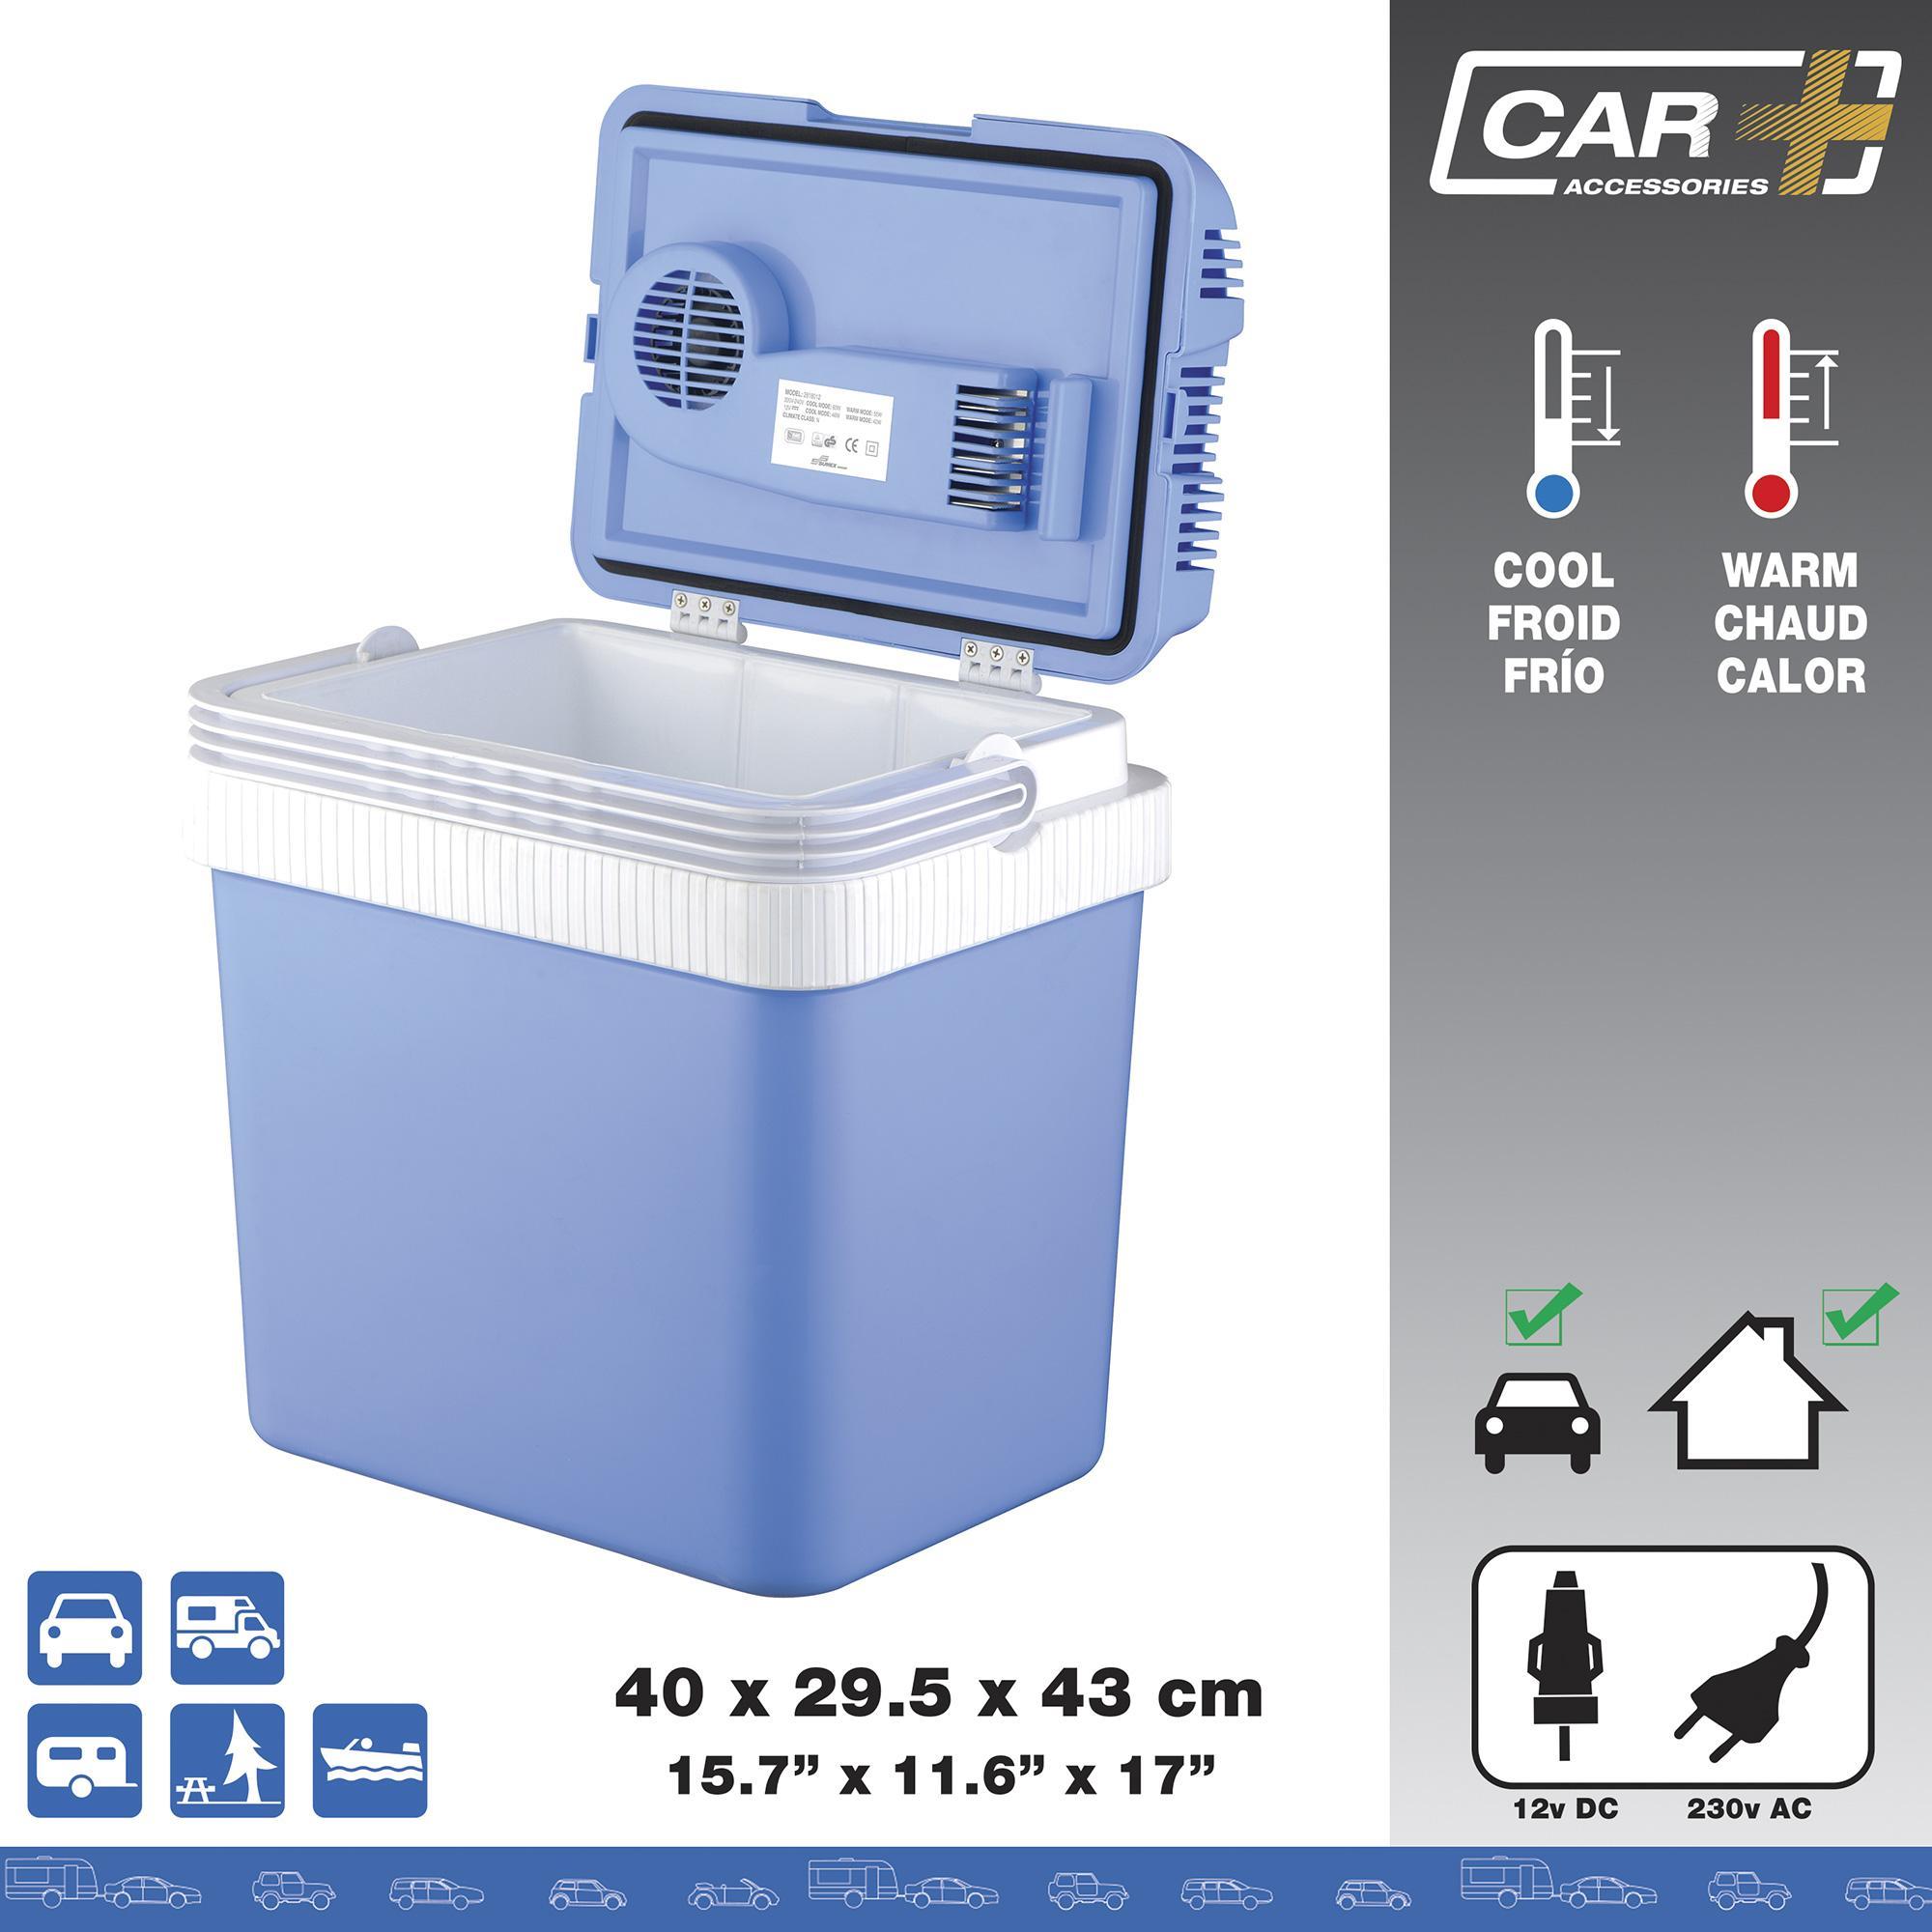 Amazon.es: SUMEX 2818012 Nevera Portátil Eléctrica Frio/Calor para ...